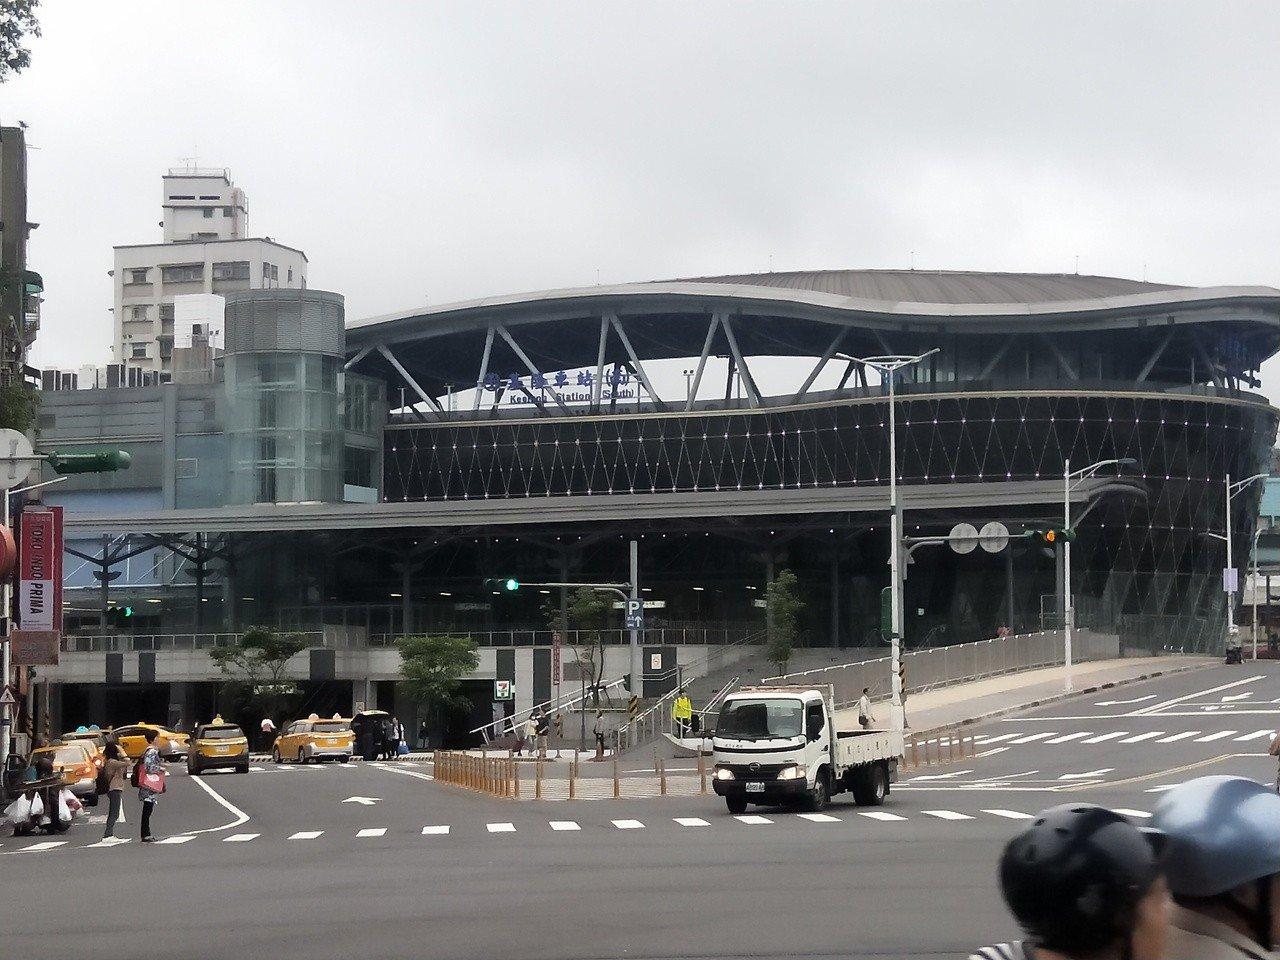 基隆火車站南站附近計畫蓋複合式多功能商場停車場